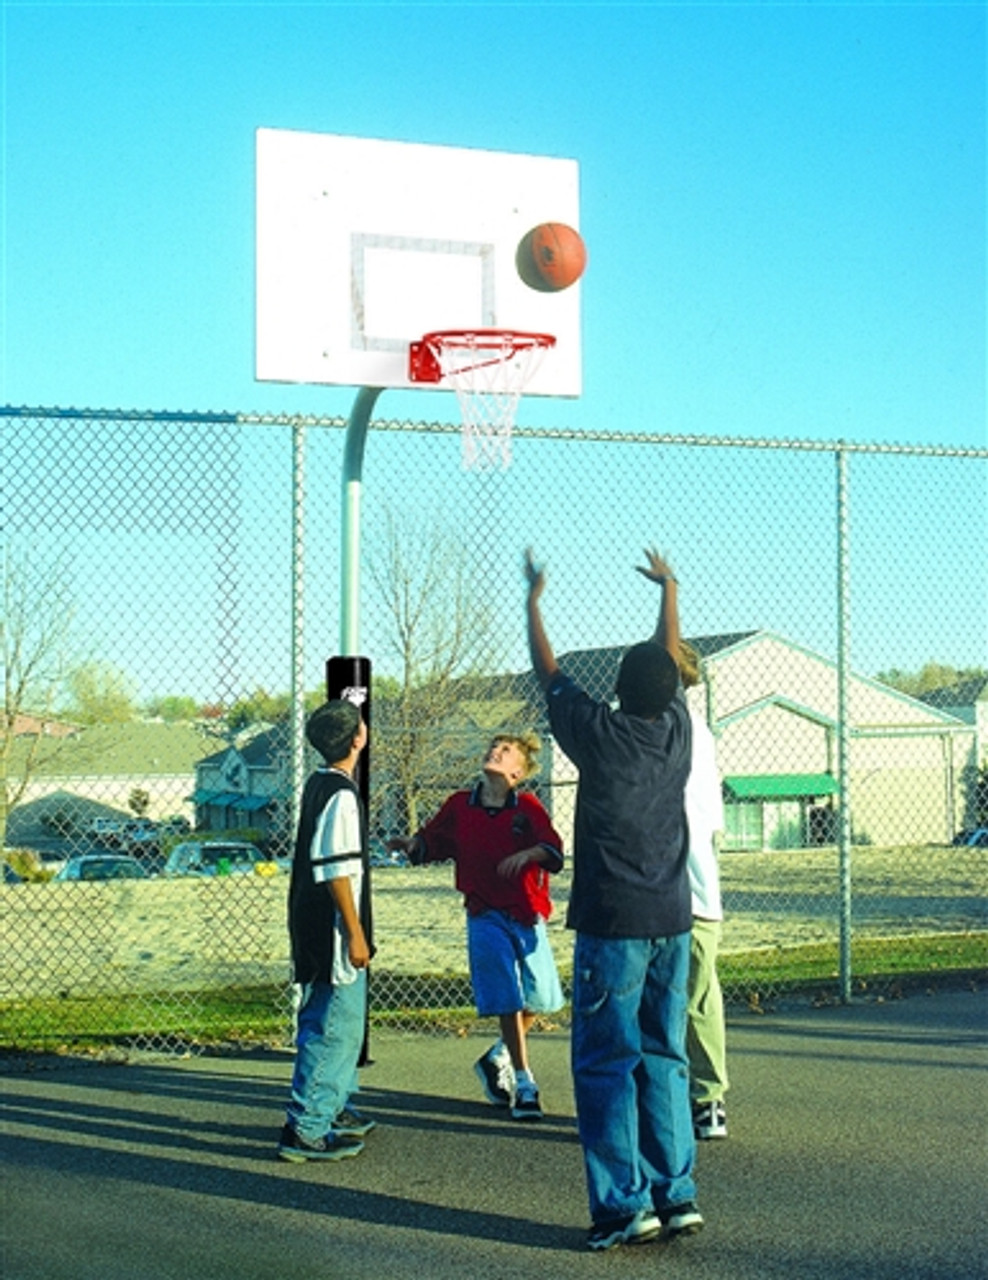 group of neighborhood kids playing at local basketball hoop